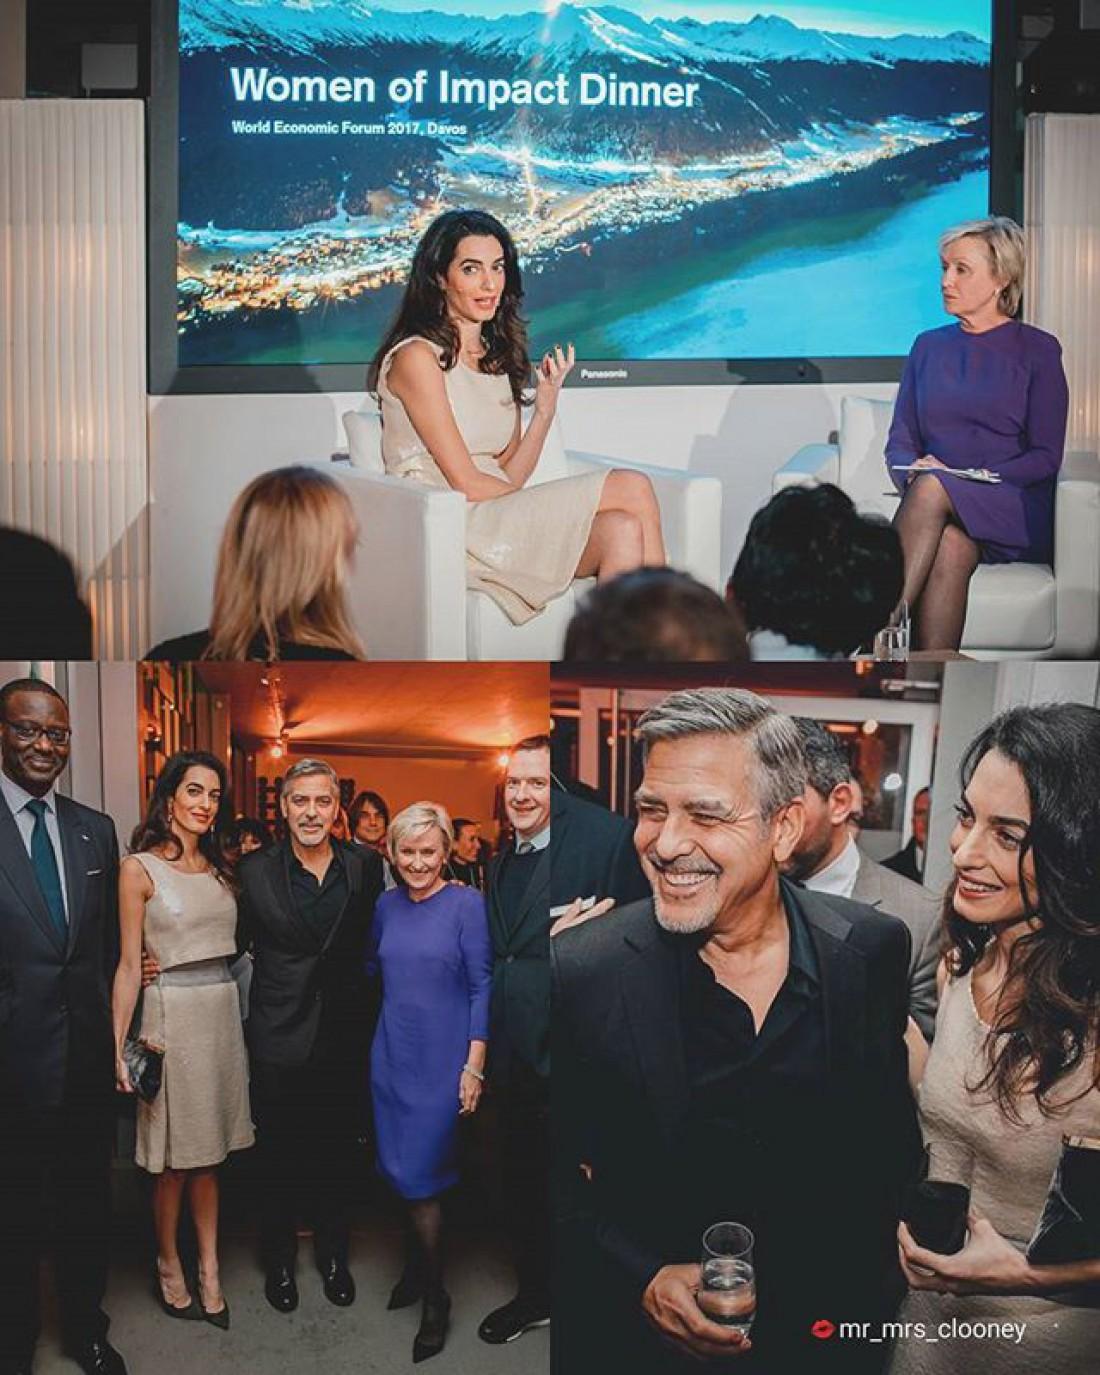 Супруги Клуни посетили Всемирный экономический форум в Давосе, Швейцария